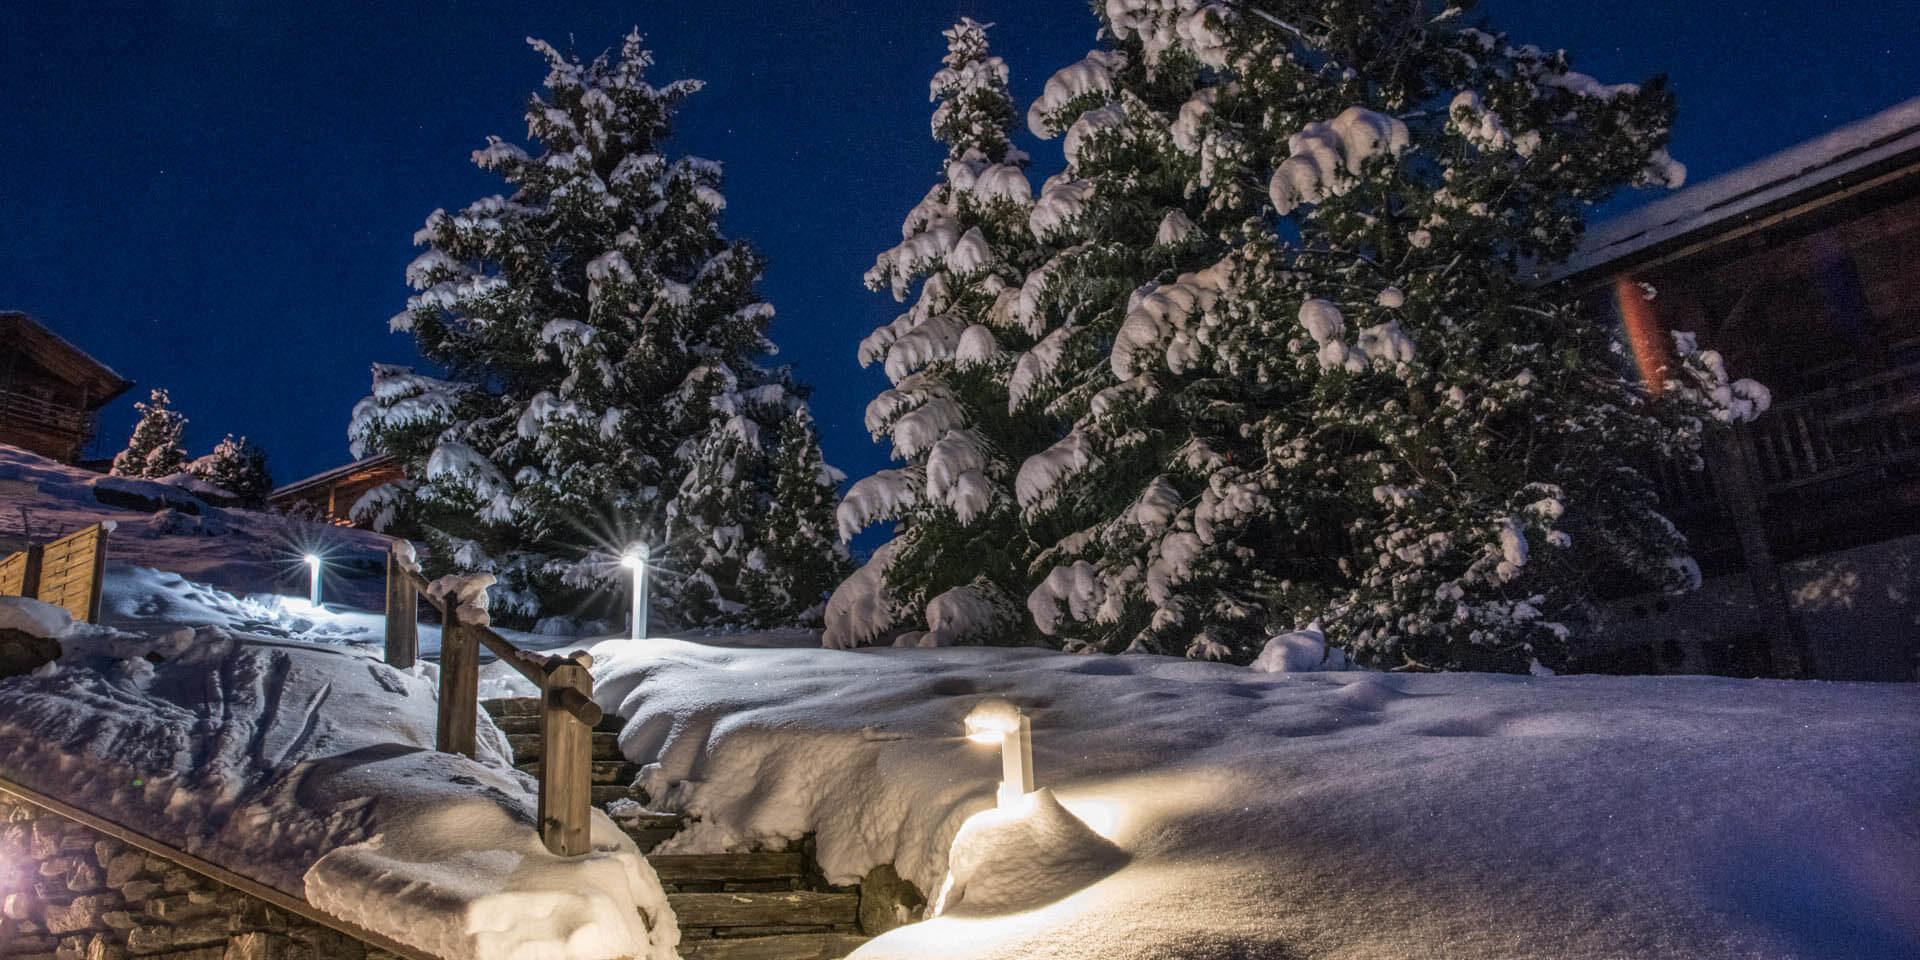 Chalet Rock Verbier Les 4 Vallees Zwitserland wintersport skivakantie luxe trap sneeuw besneeuwde bomen verlichting